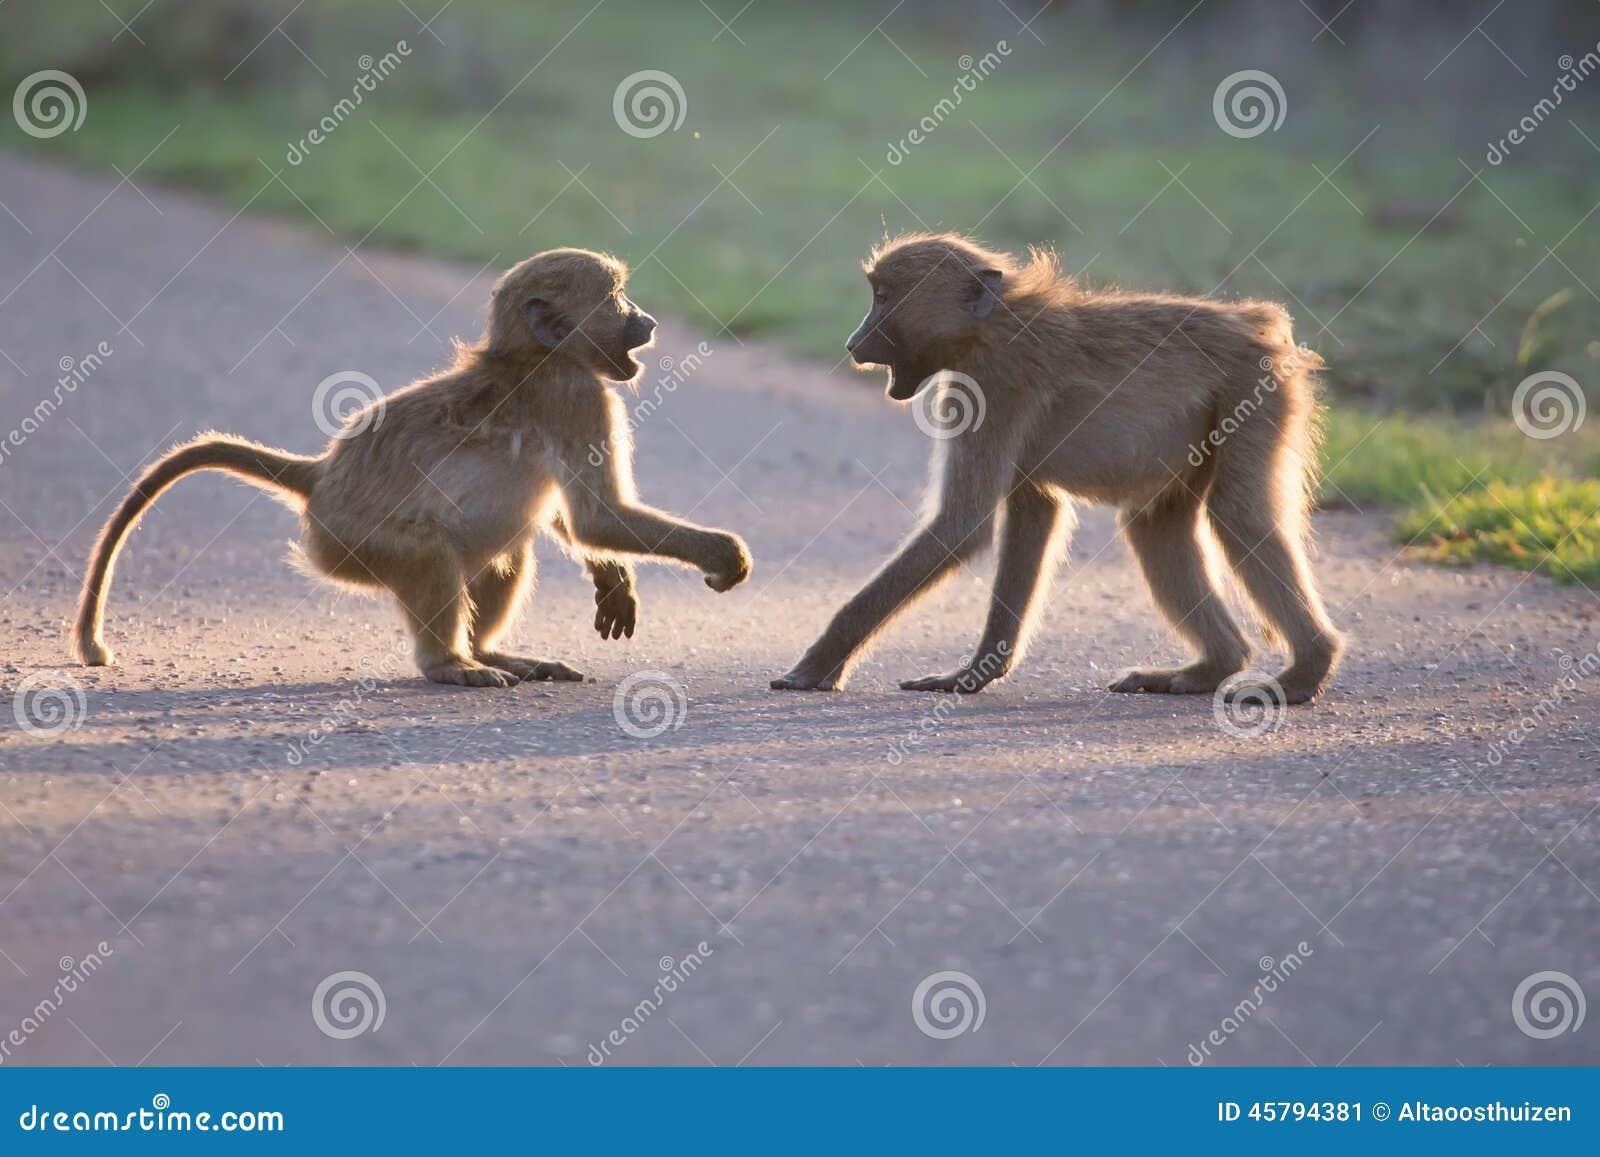 Jeunes babouins jouant dans une fin de l après-midi de route avant de retourner